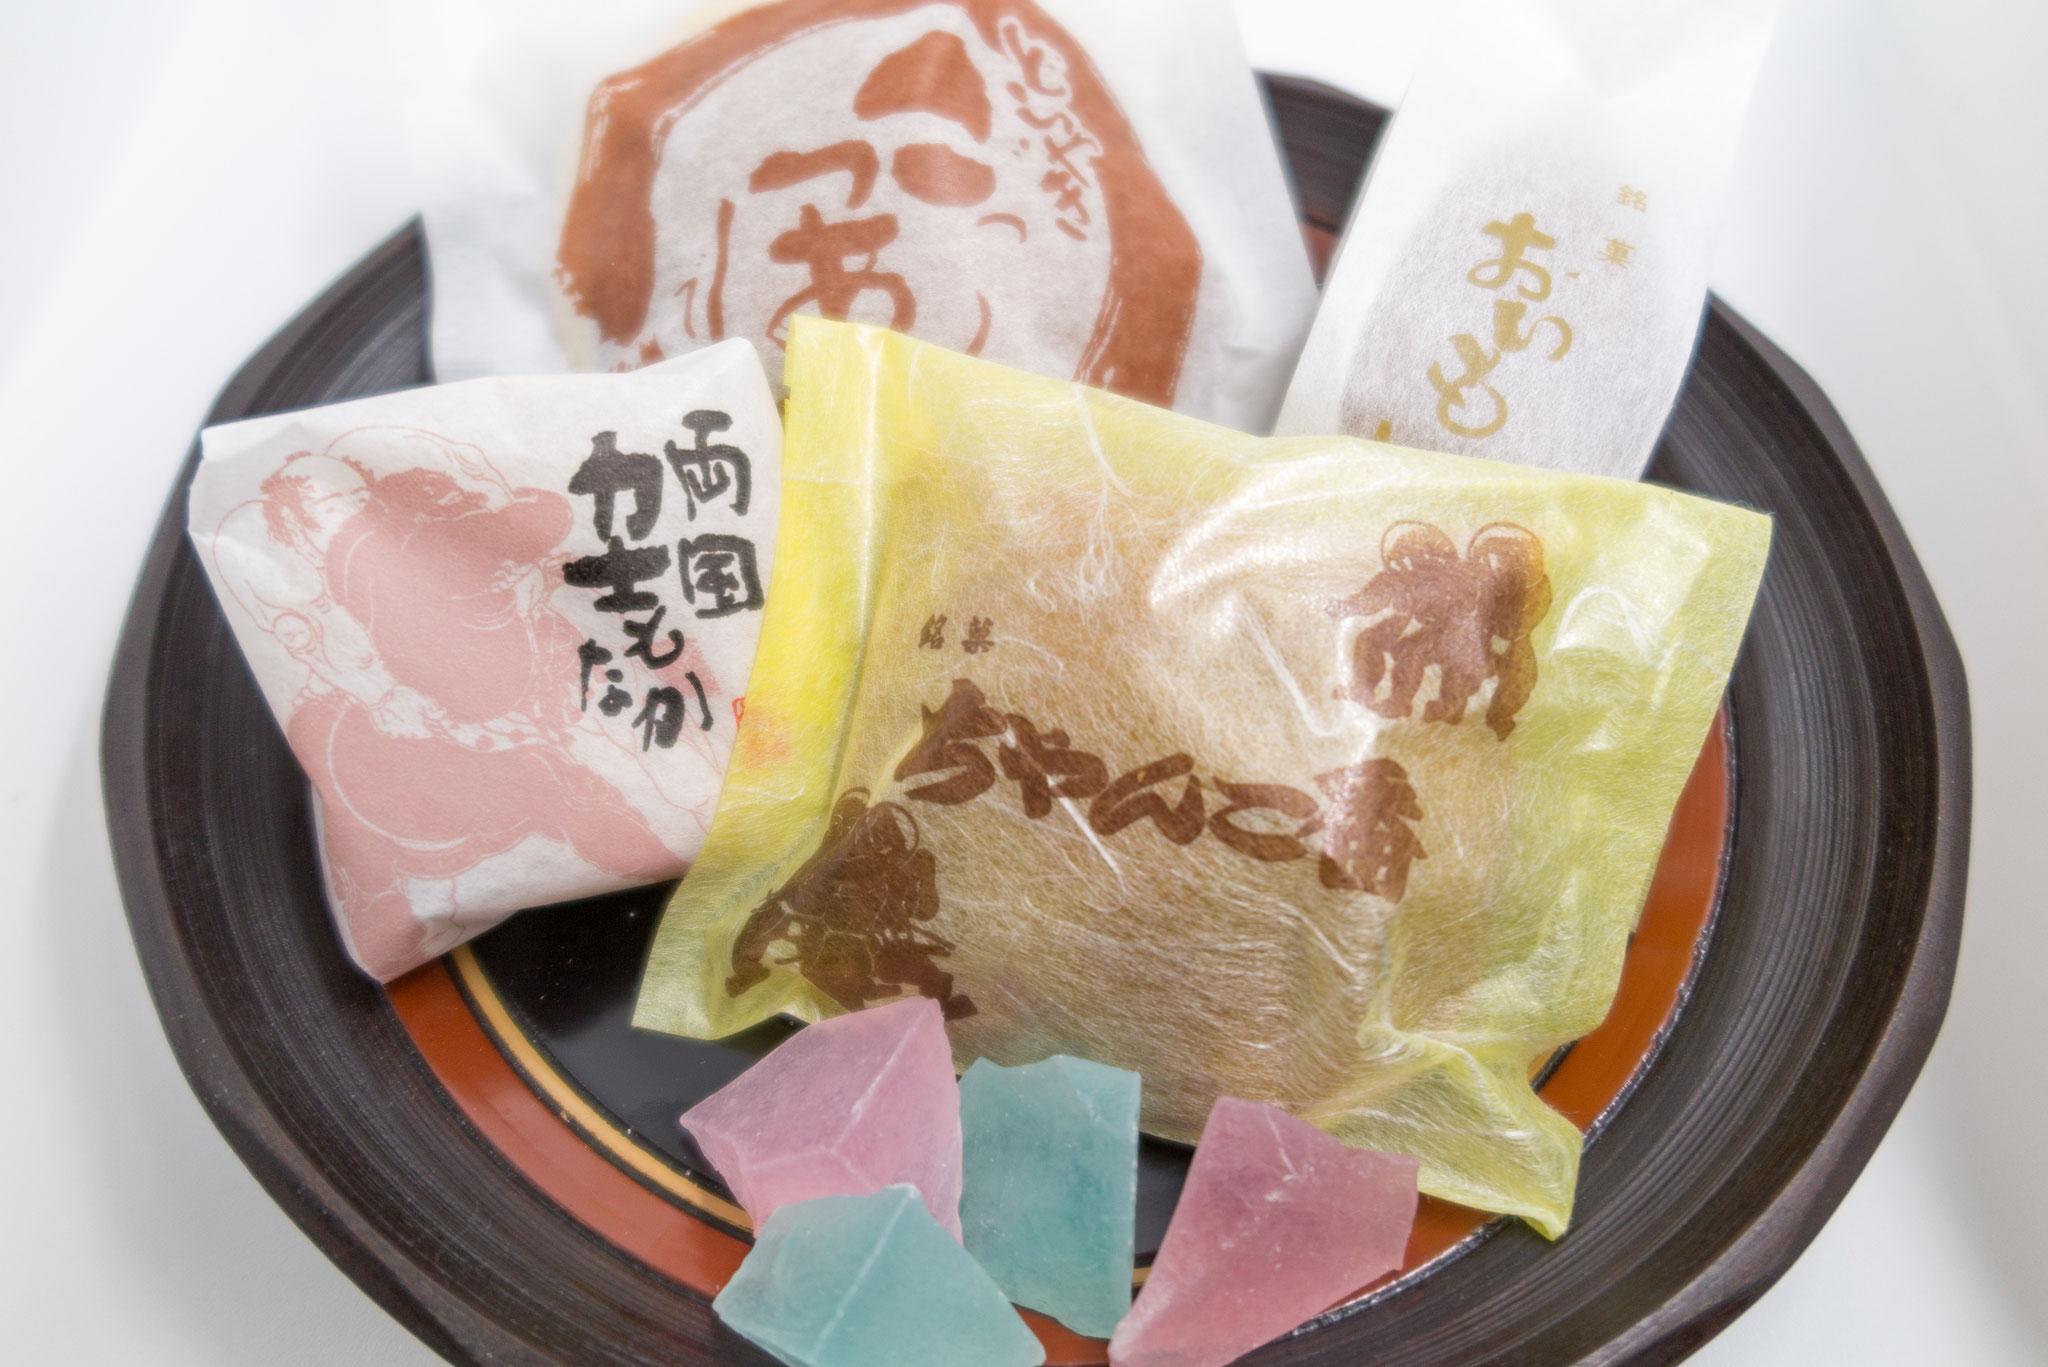 とし田の焼き菓子